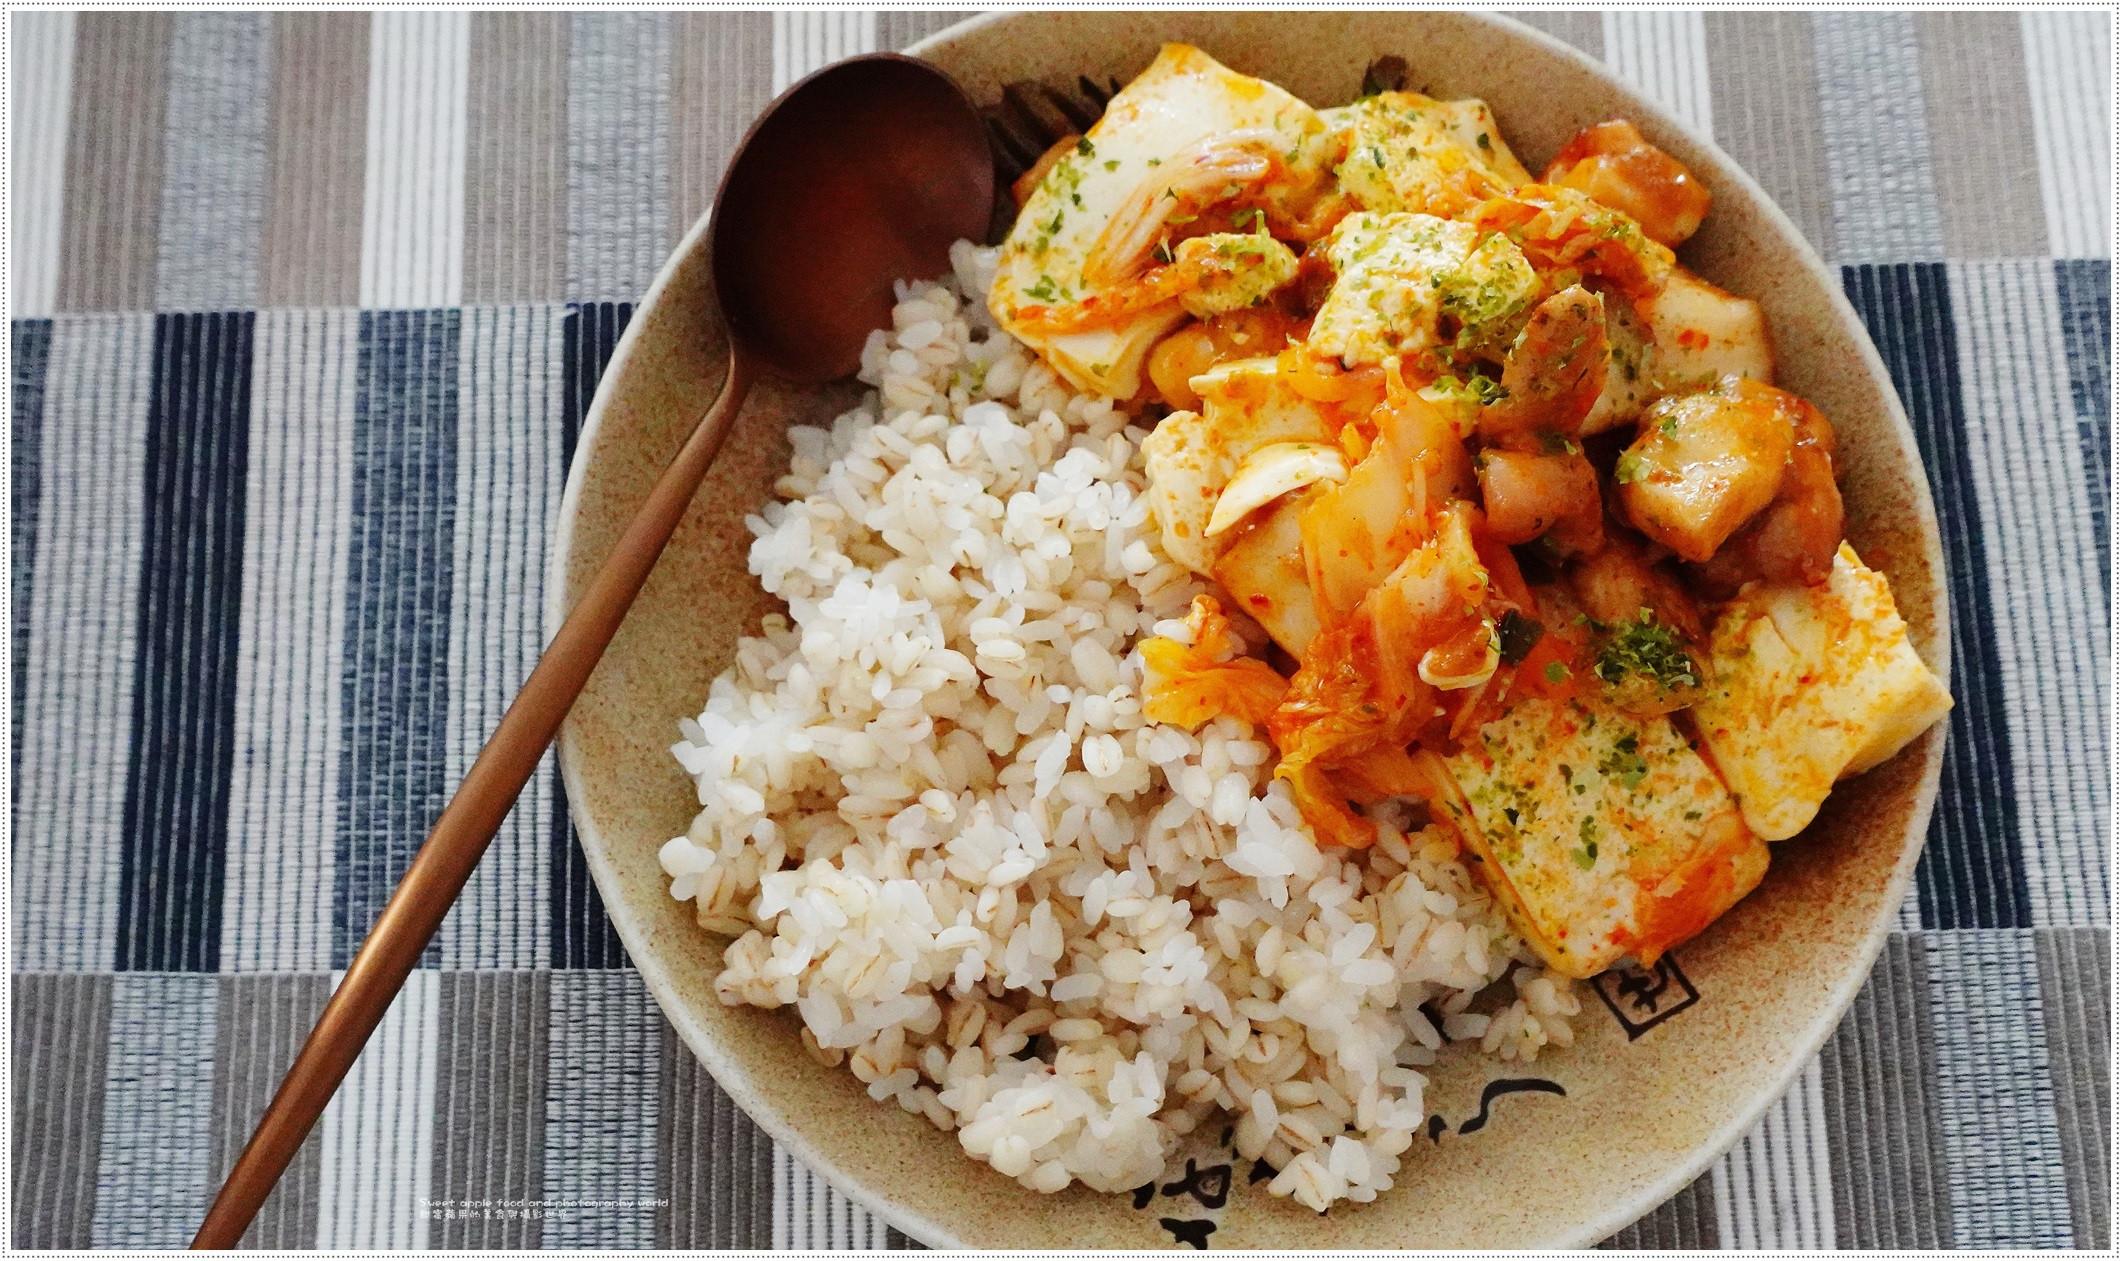 【影片篇】雞肉泡菜豆腐飯(一人前)